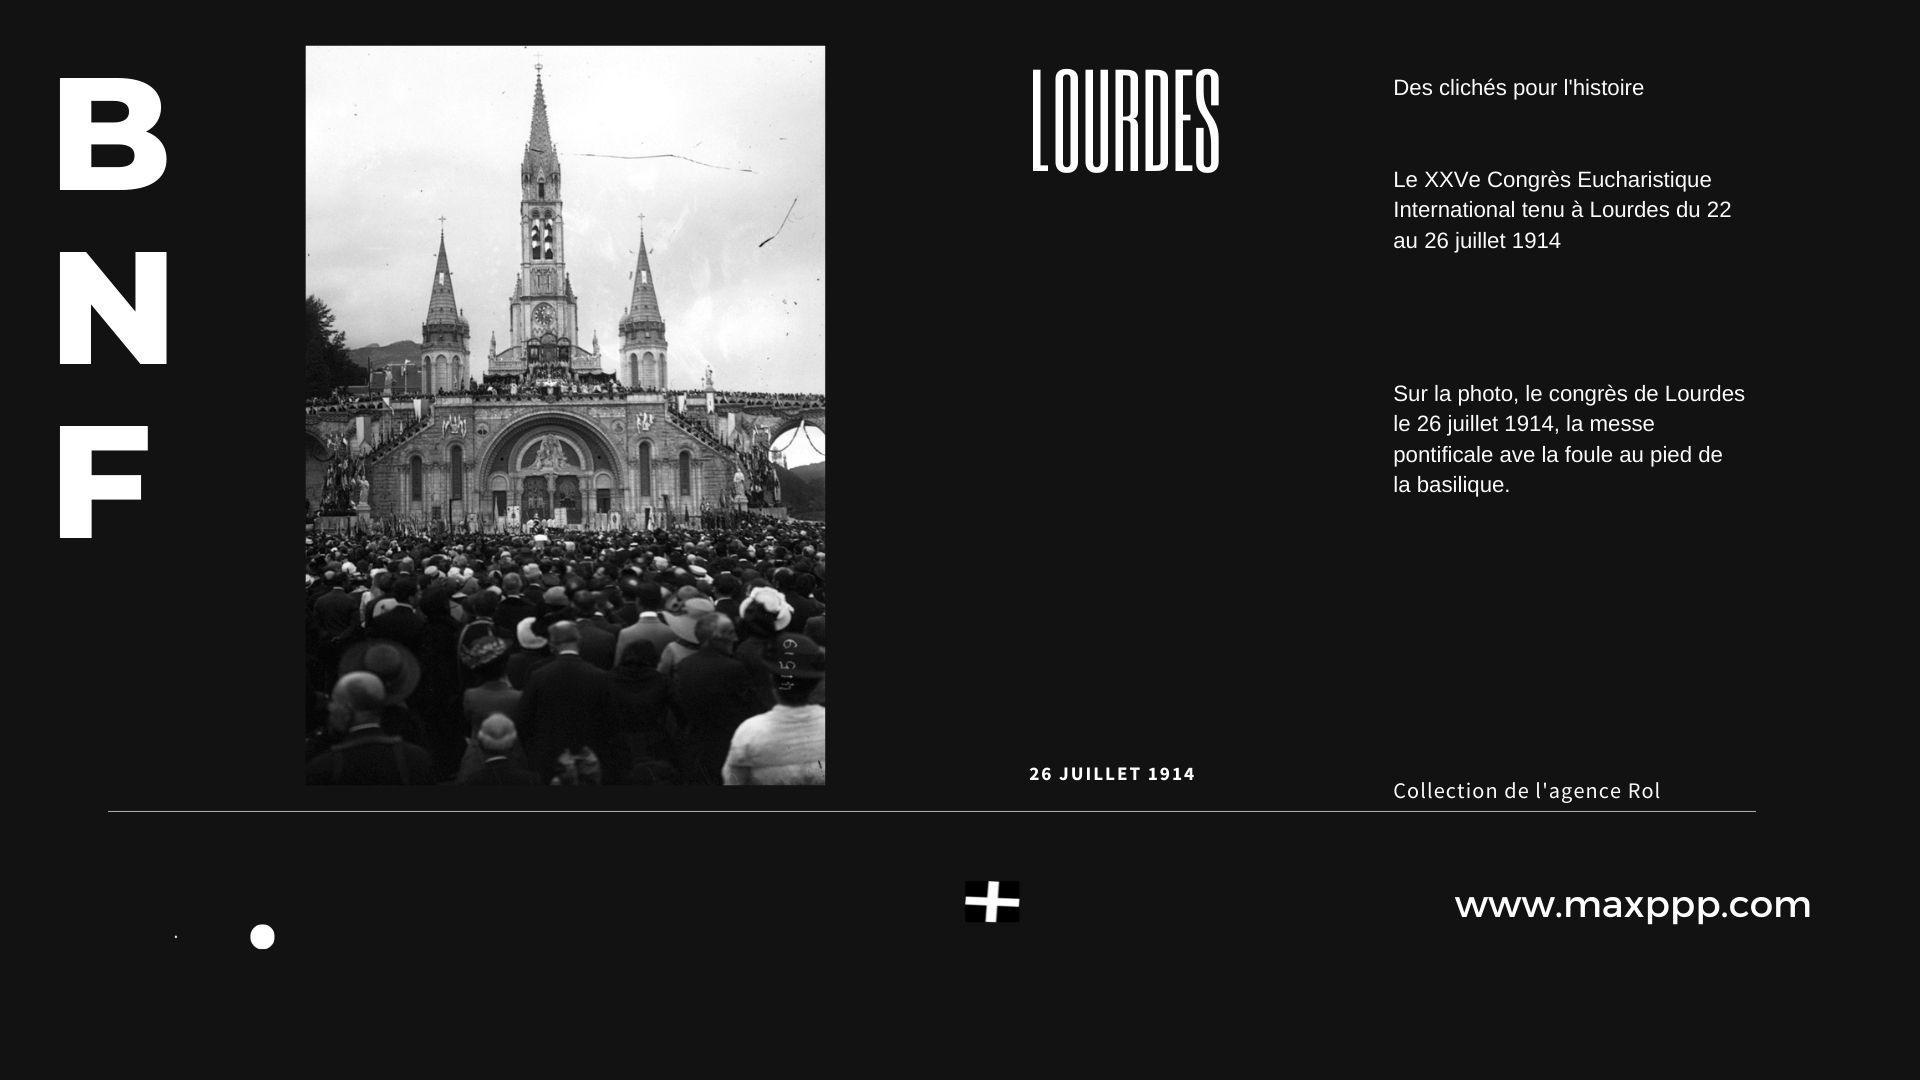 Congrès de Lourdes, 1914